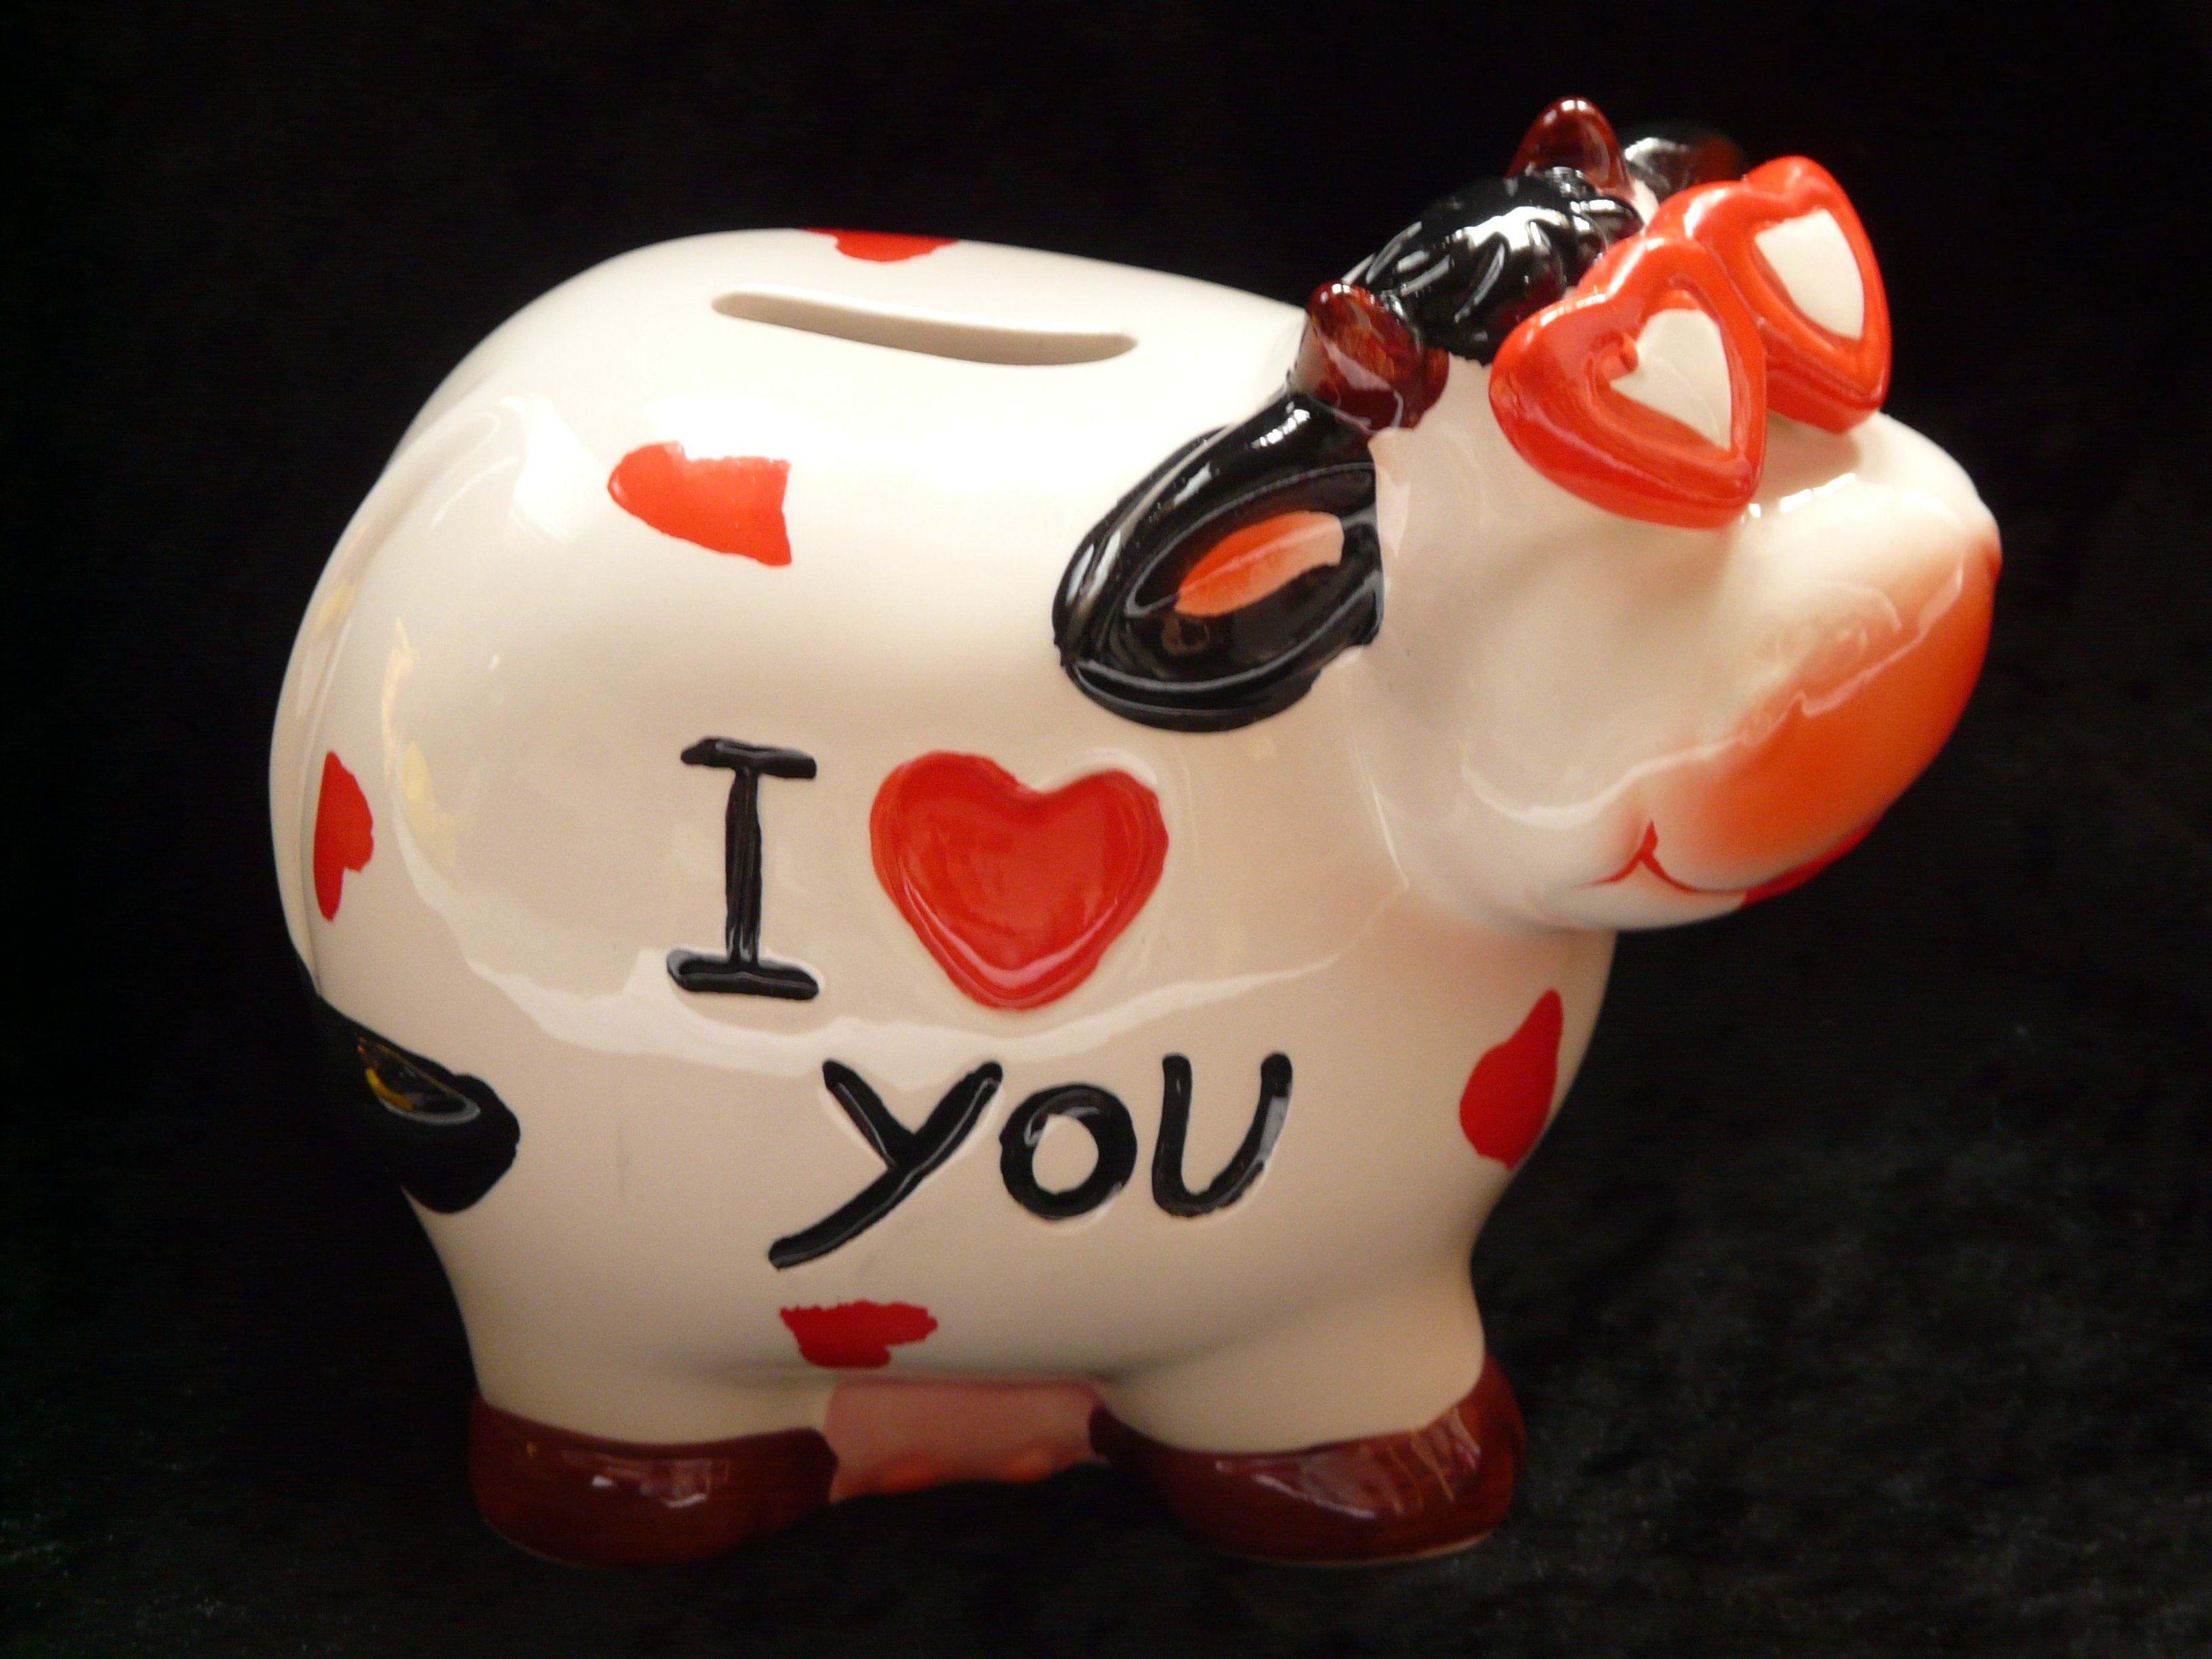 En spareko med 'I love you' skrevet på siden